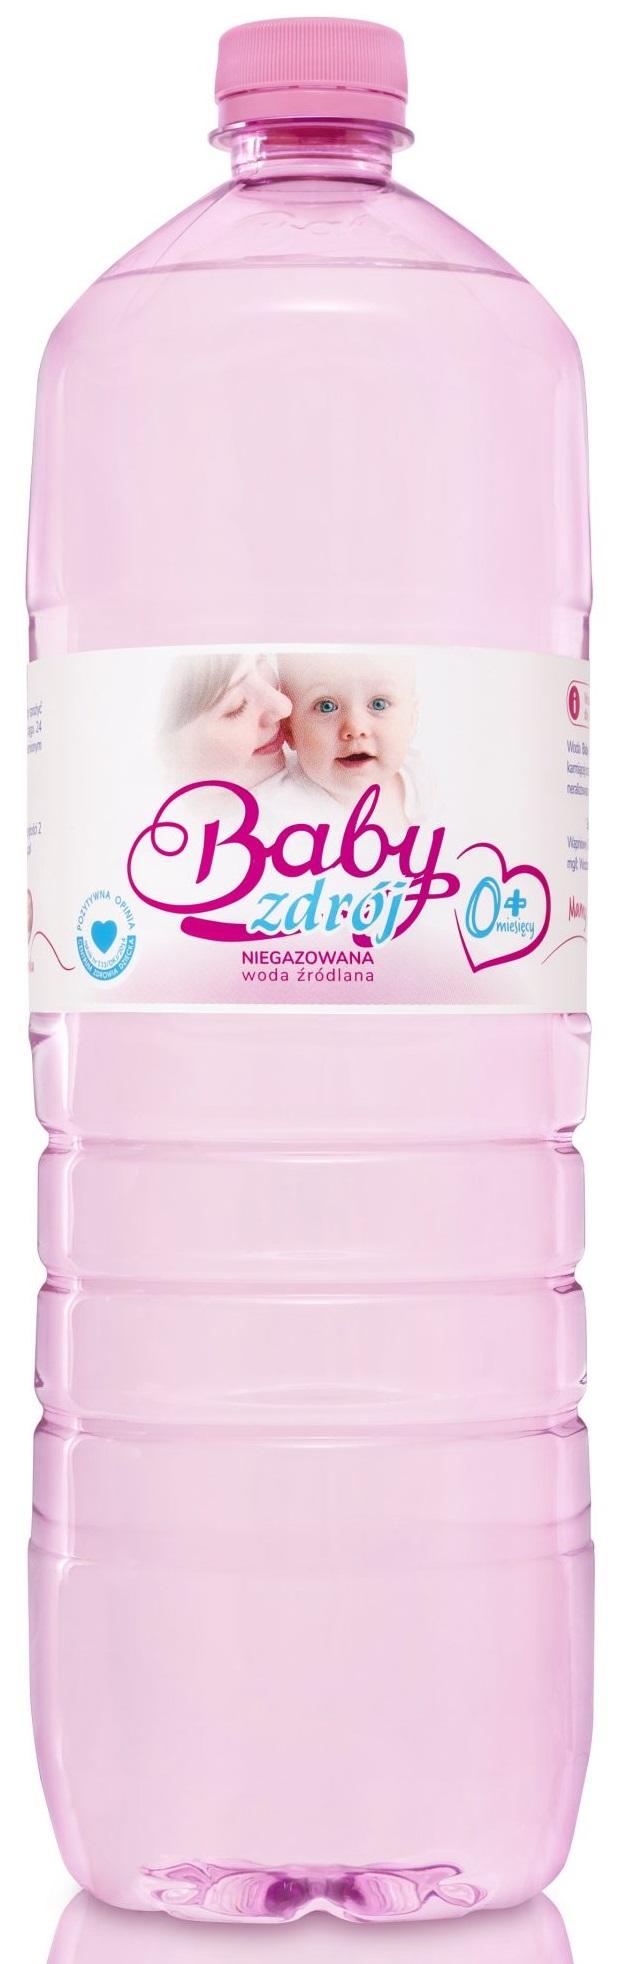 Baby-Spa ohne Kohlensäure Quellwasser